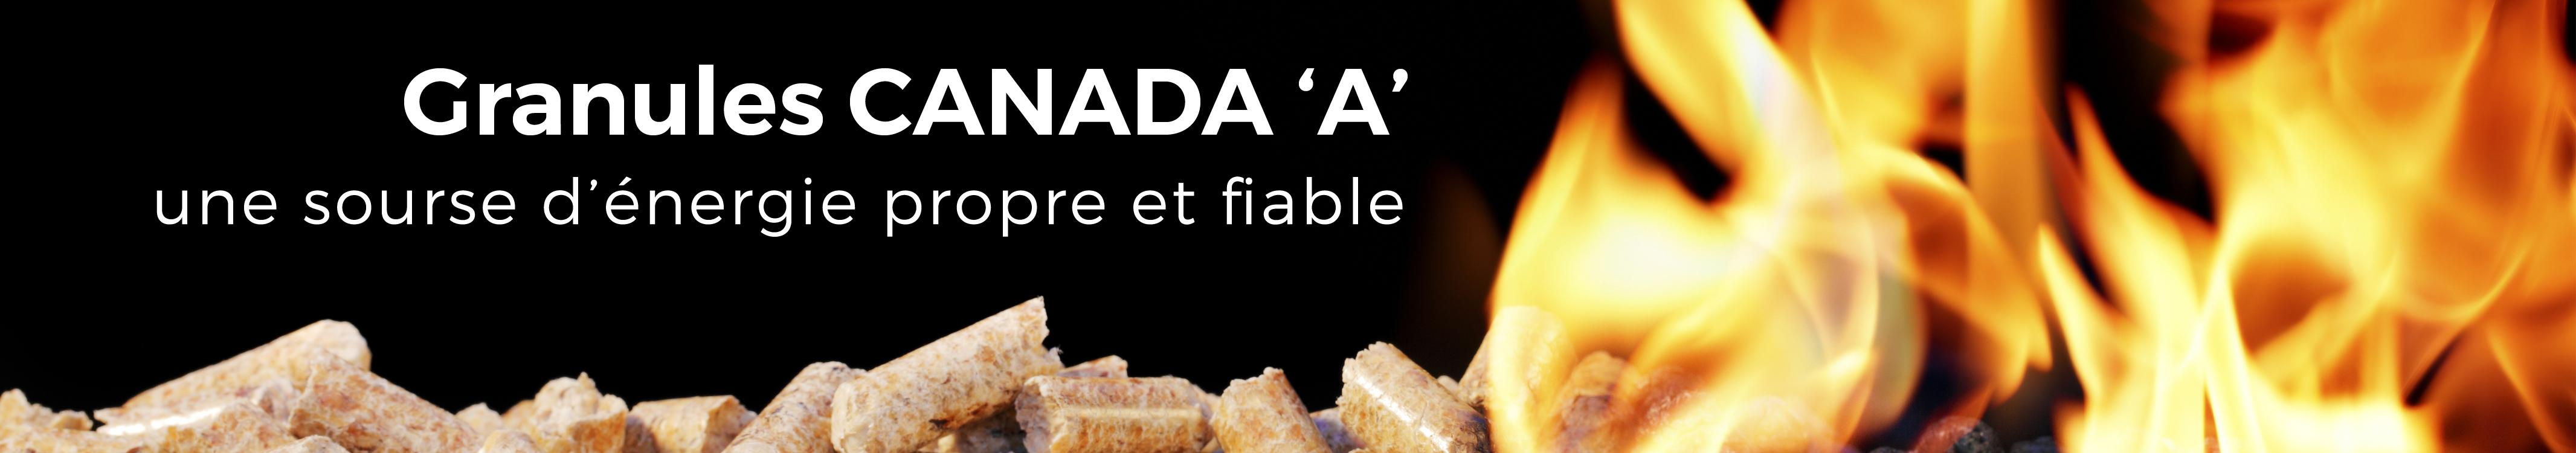 Granules pour chauffage - LacWood Premium Wood Pellets